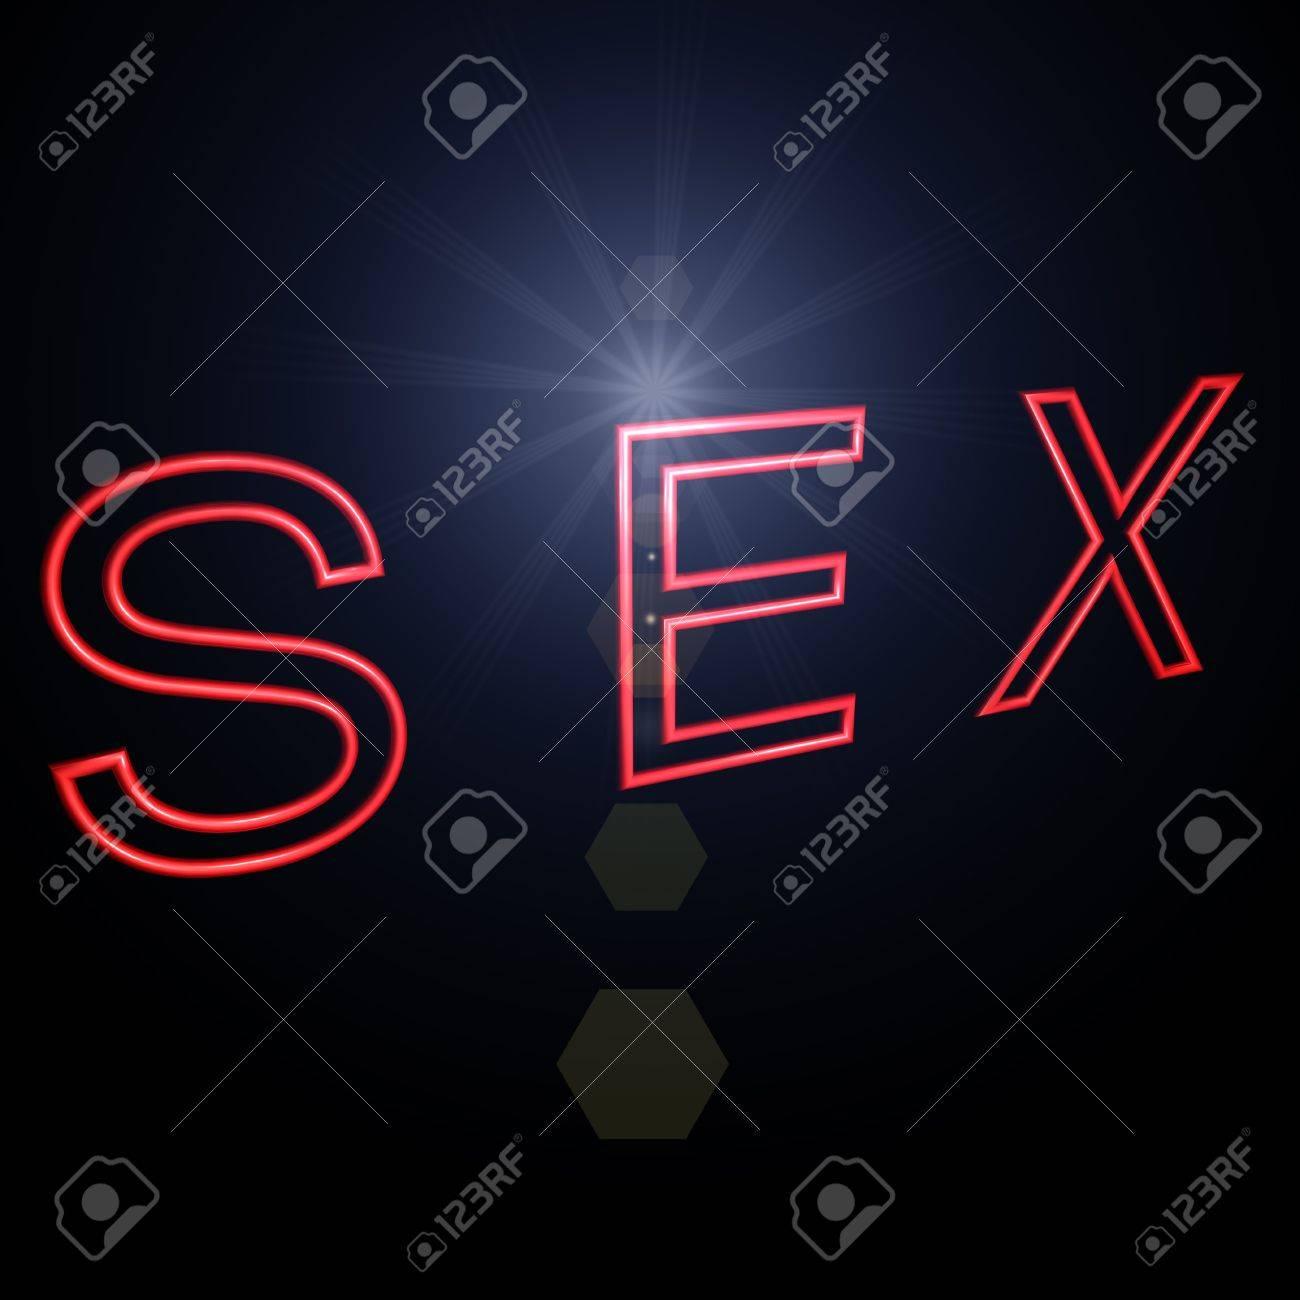 www noir sexe photo com